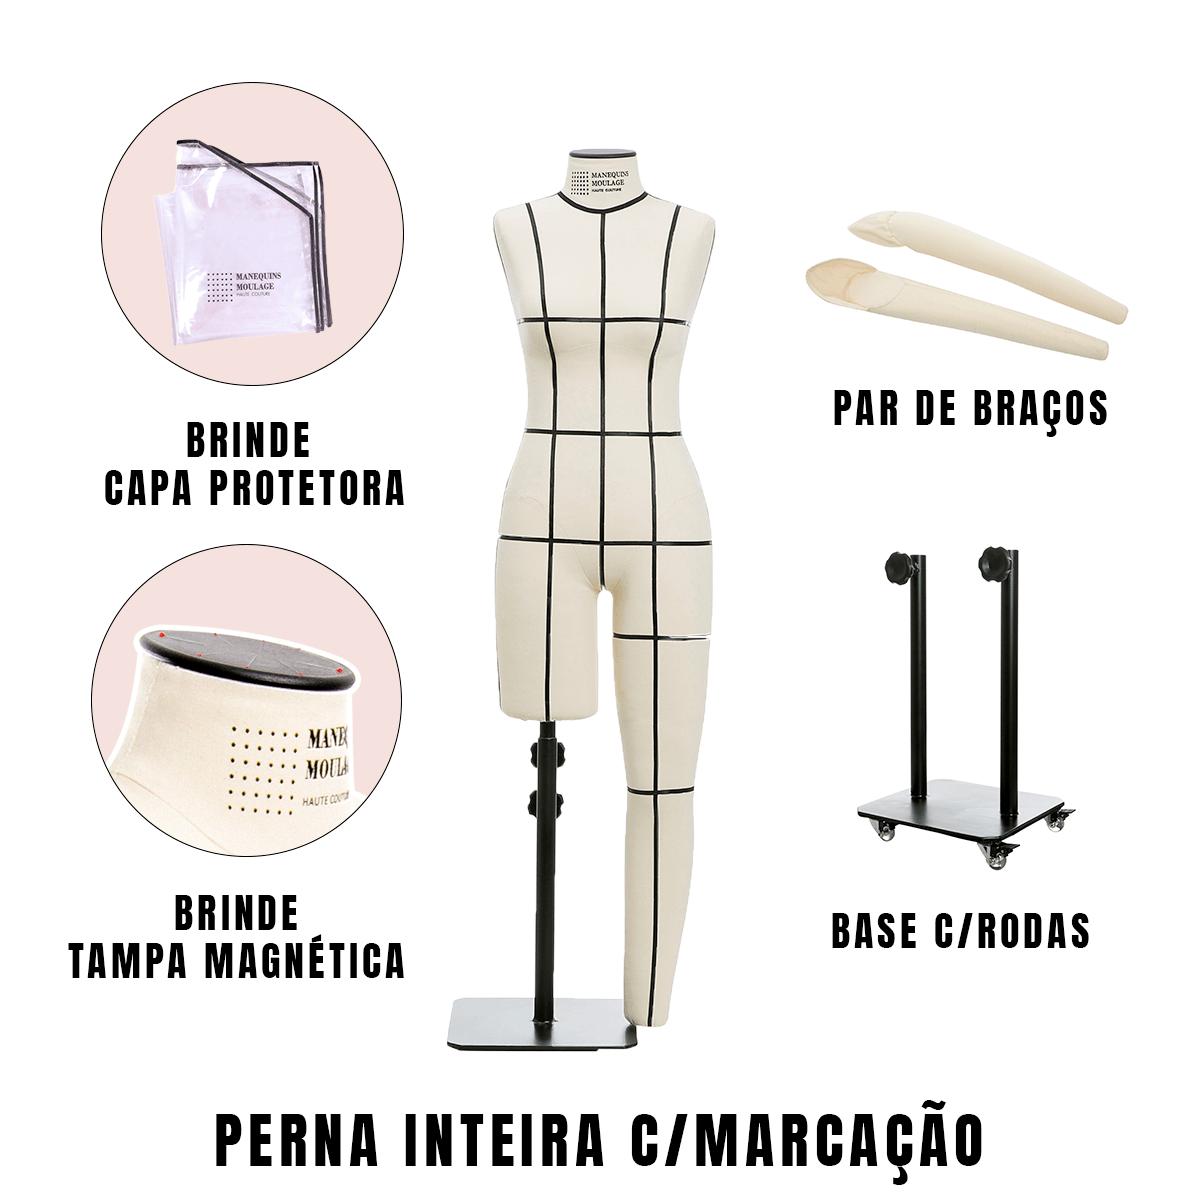 Manequim Feminino Perna Inteira Tamanho 40 com Braços, Rodas e Marcação - SOB ENCOMENDA